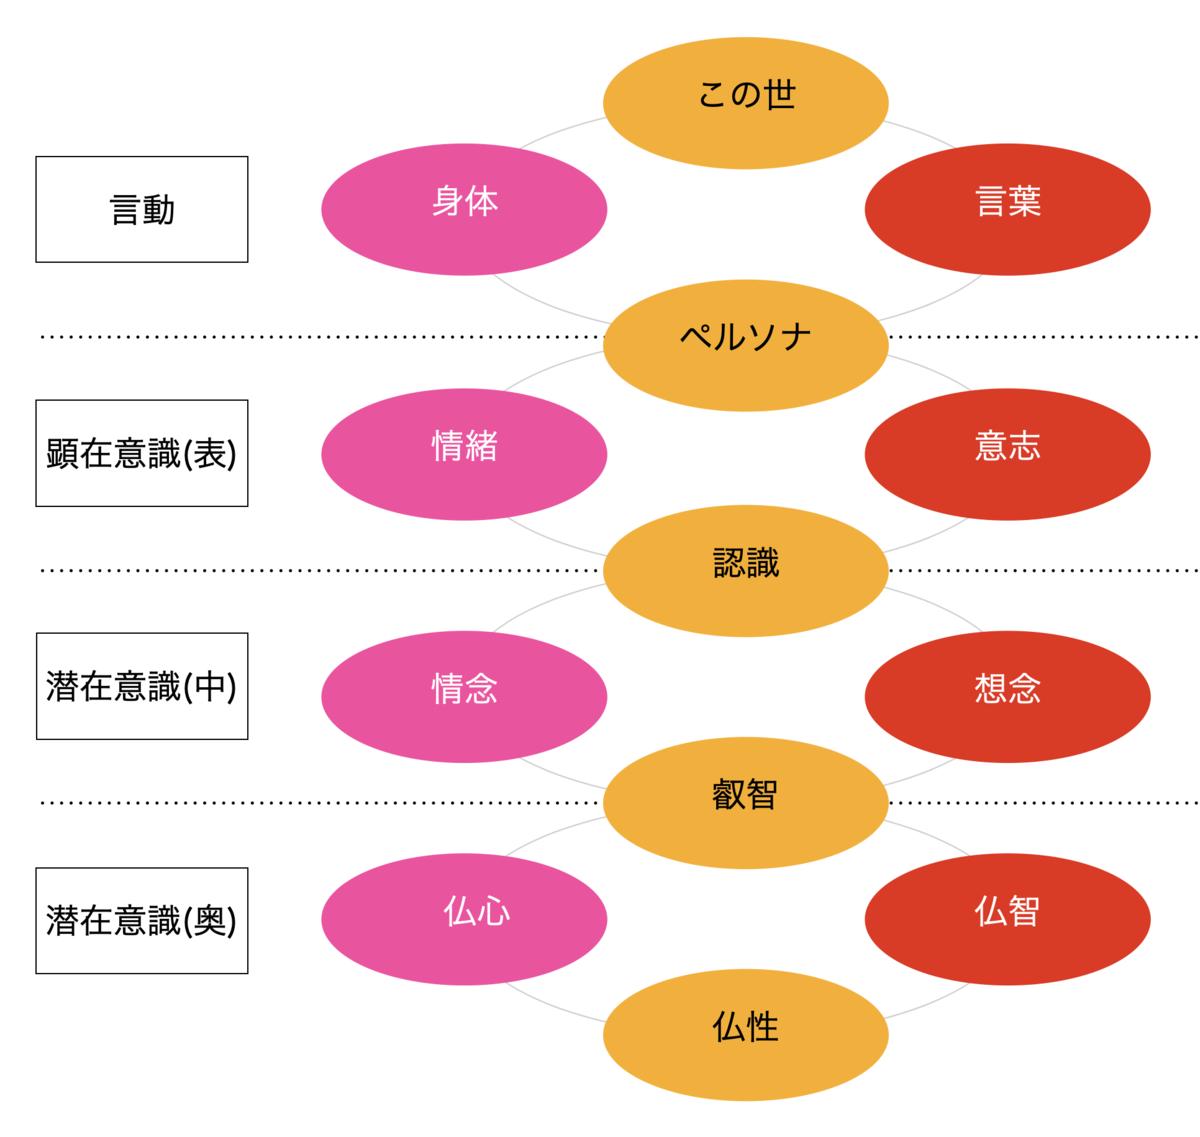 こころのモデル(図2)